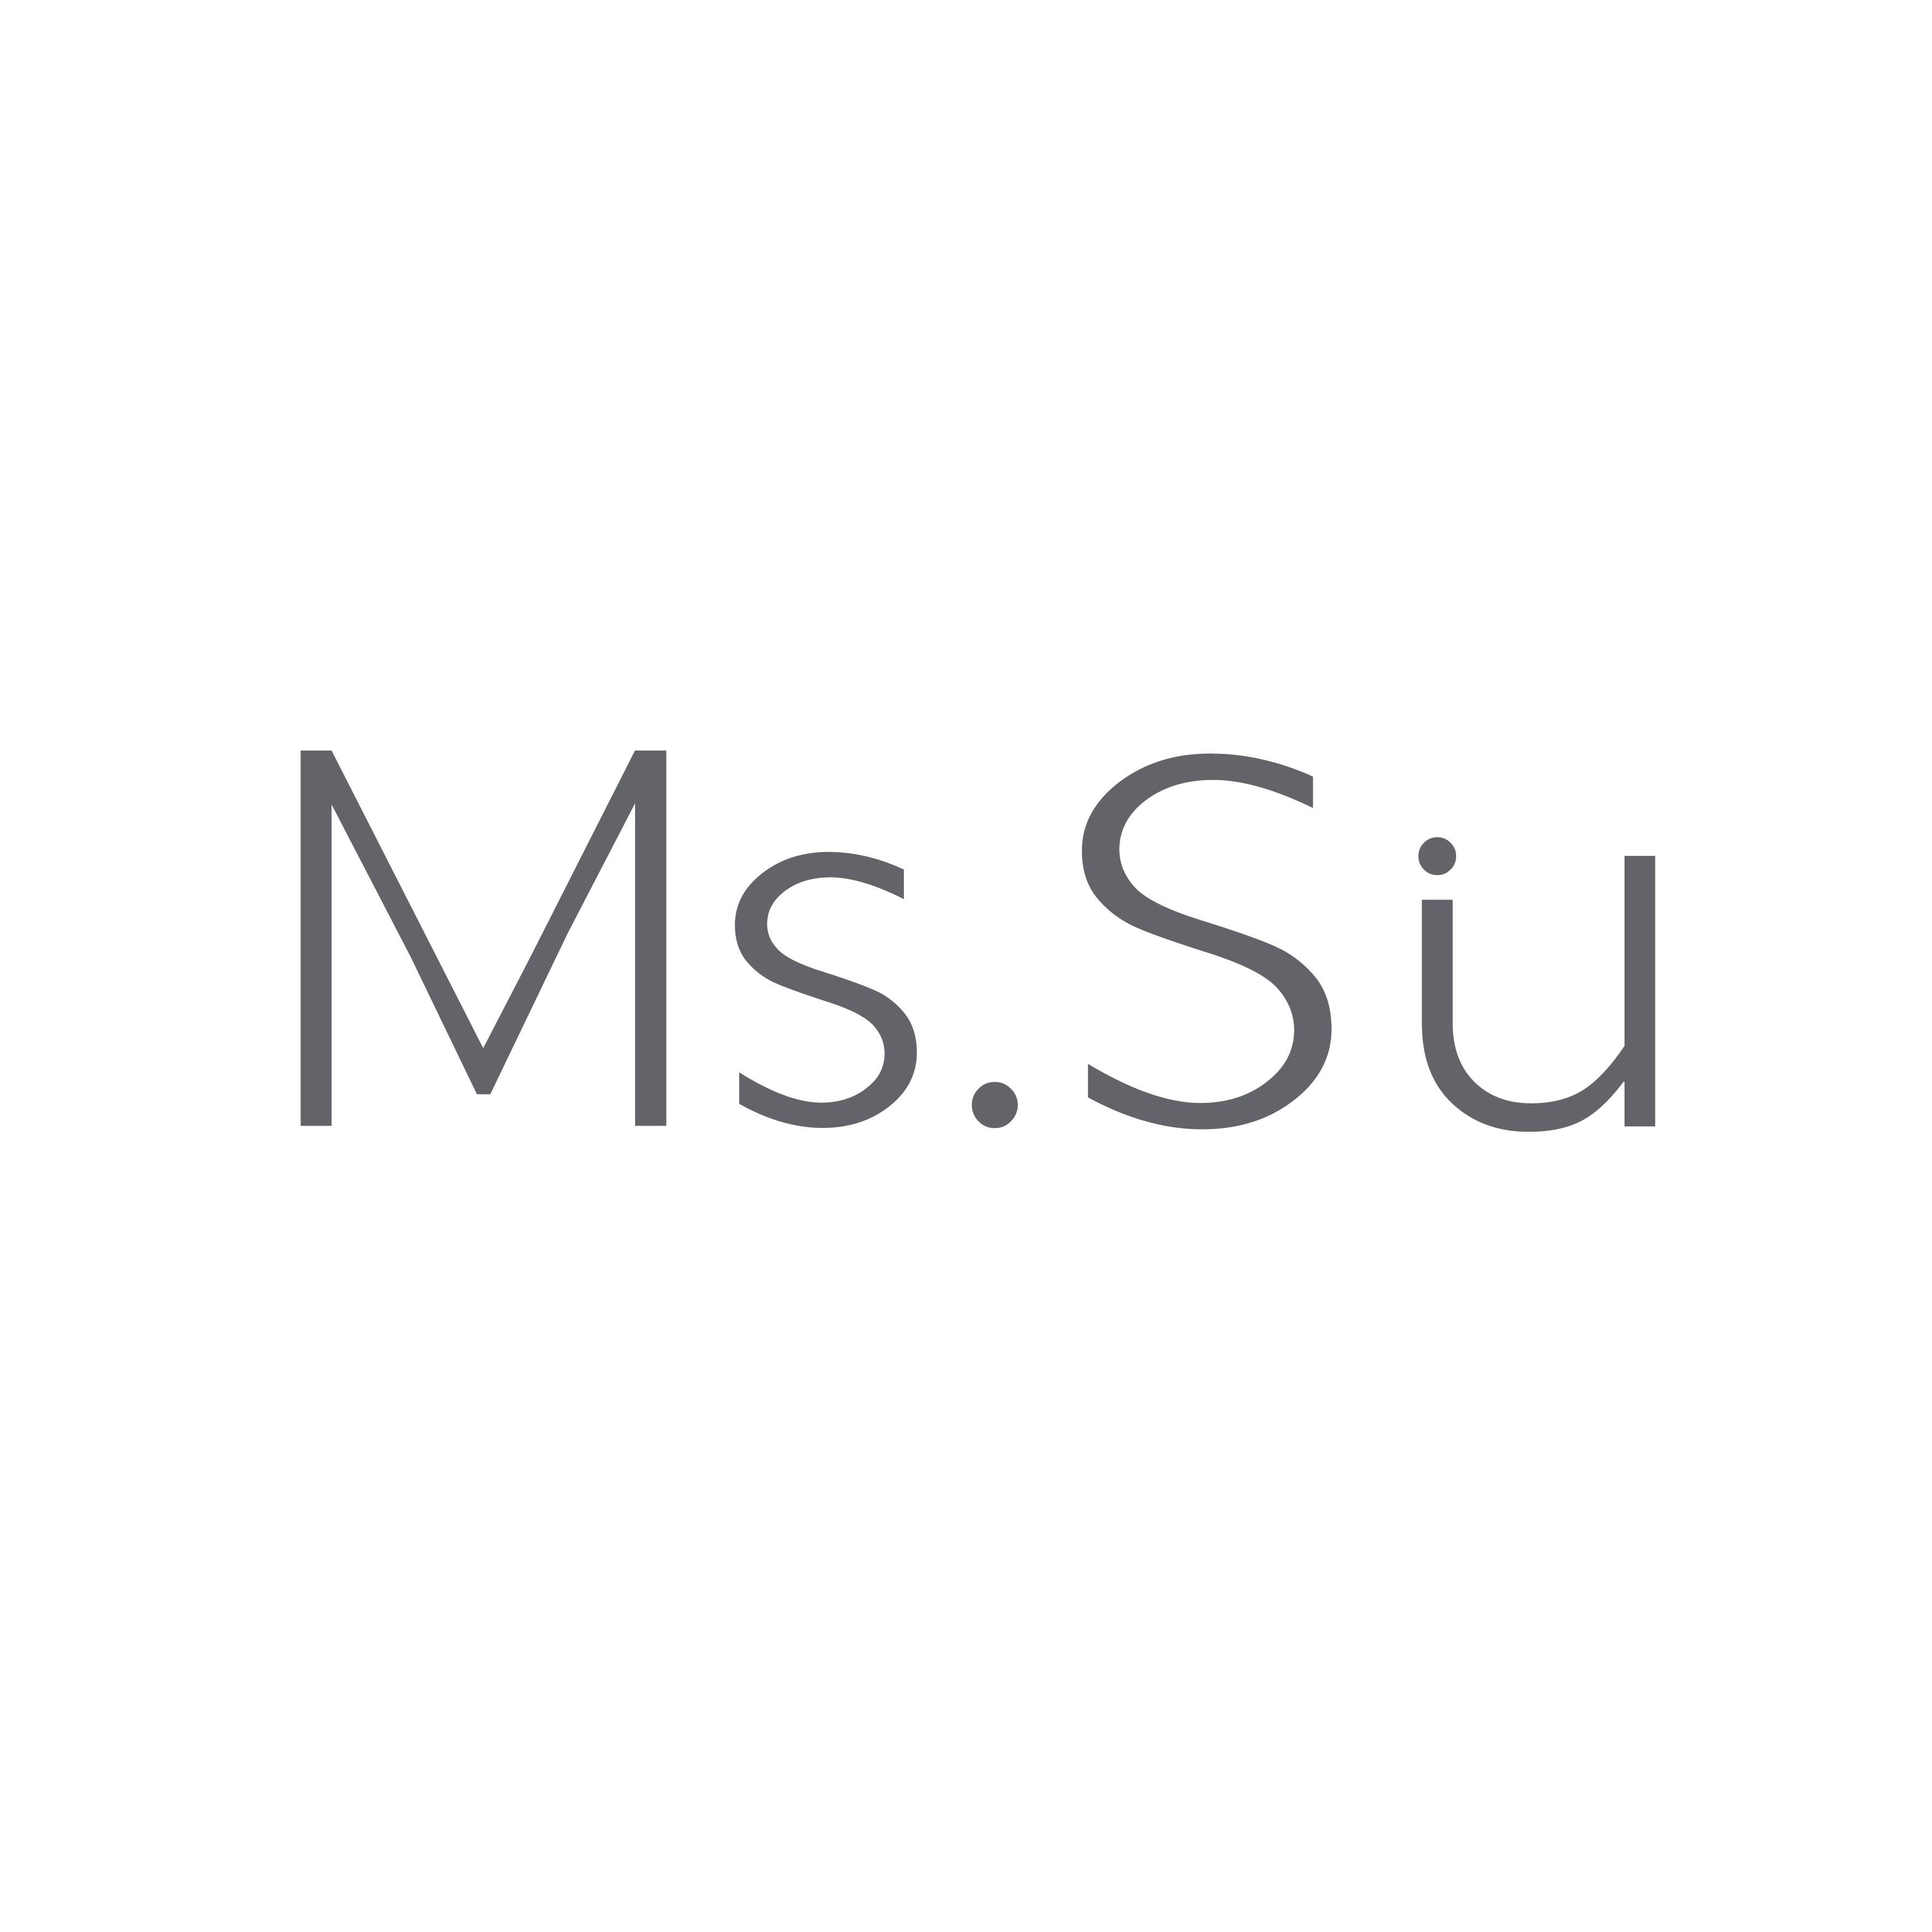 Ms.Su(ミス・スー)のロゴ